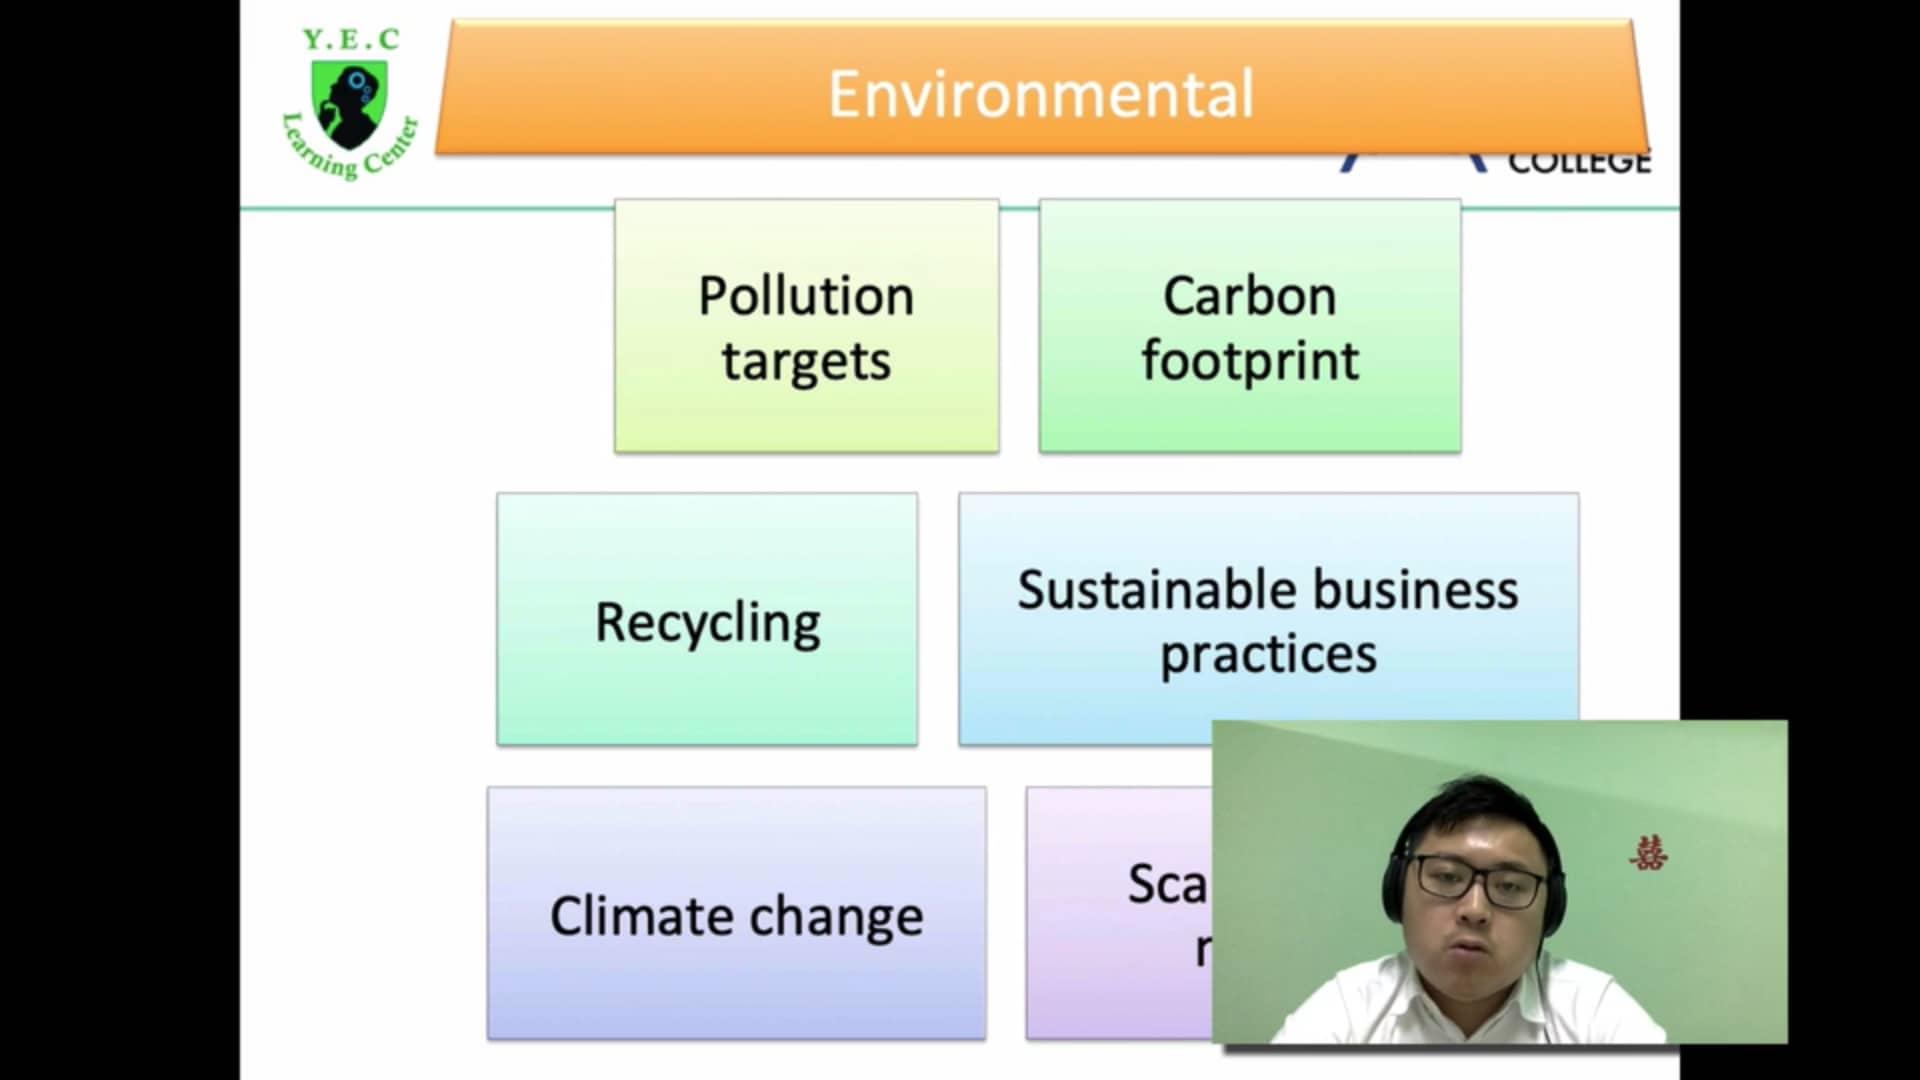 Environmental Factor (BE 7)